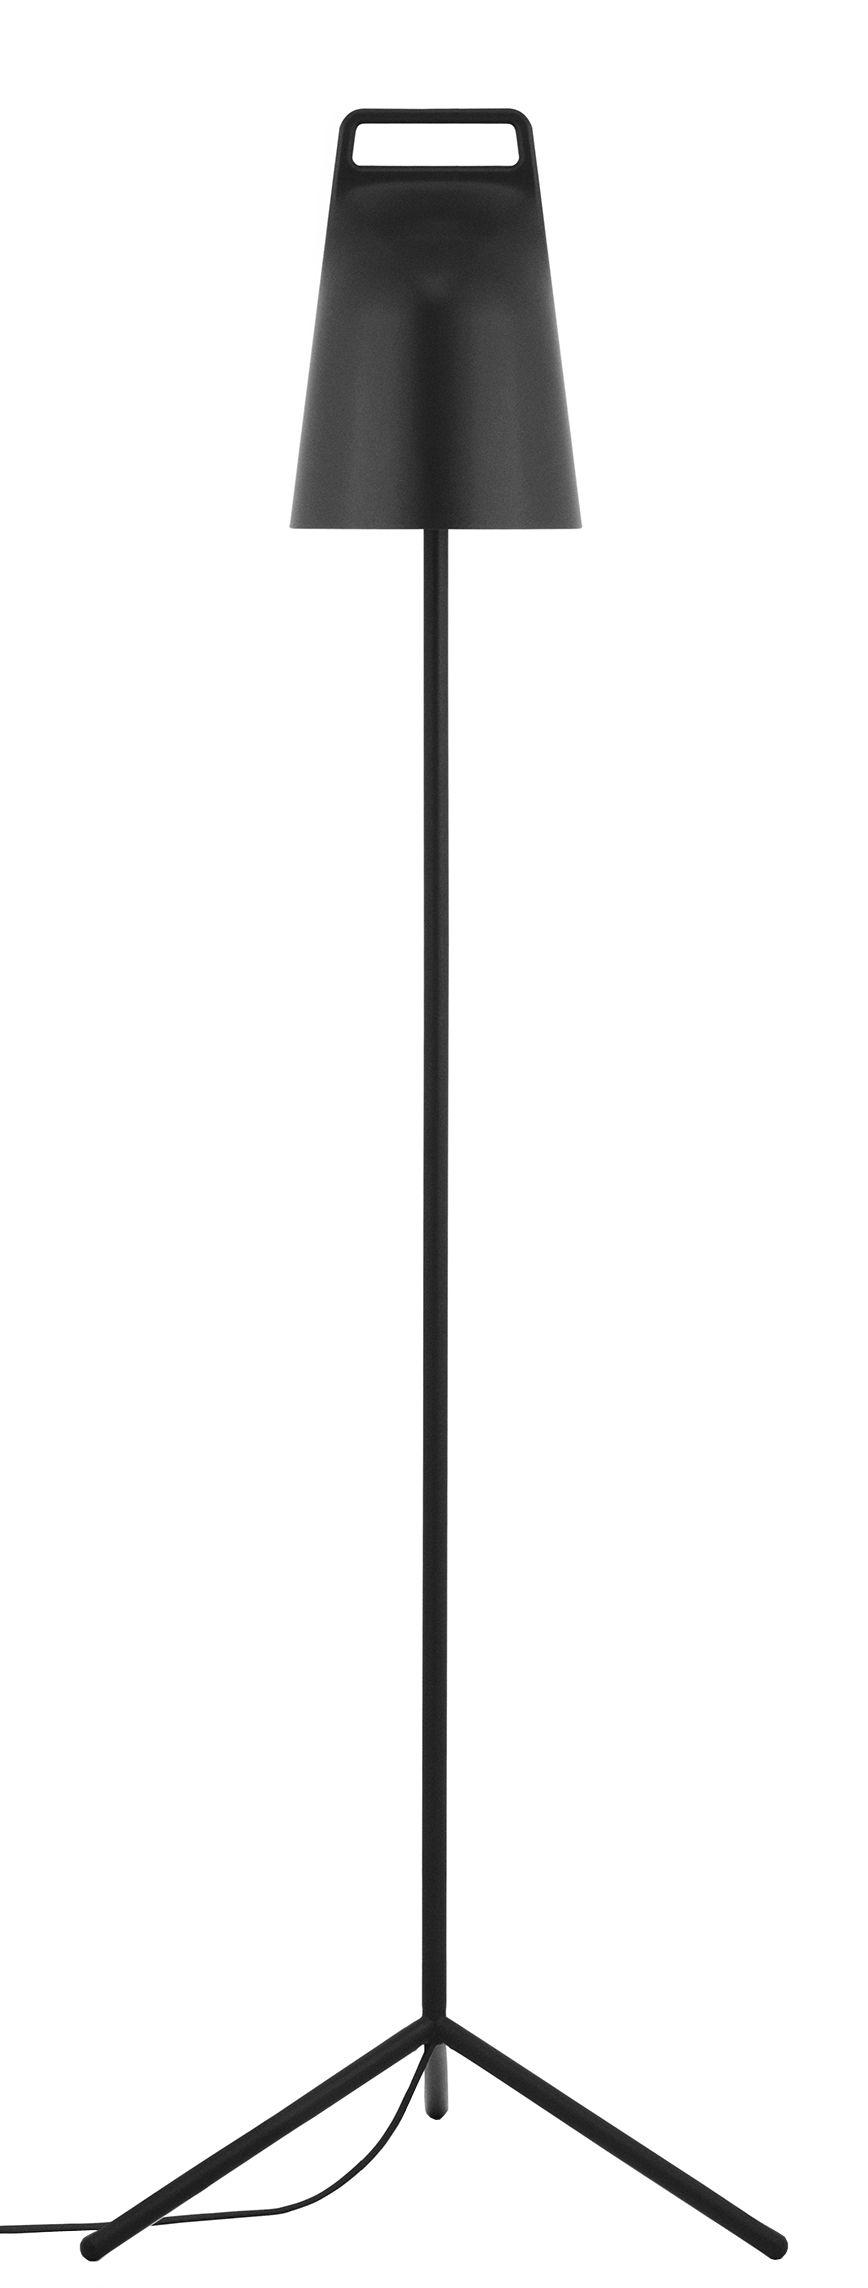 Luminaire - Lampadaires - Lampadaire Stage LED / Orientable - Normann Copenhagen - Noir - Métal laqué, Plastique